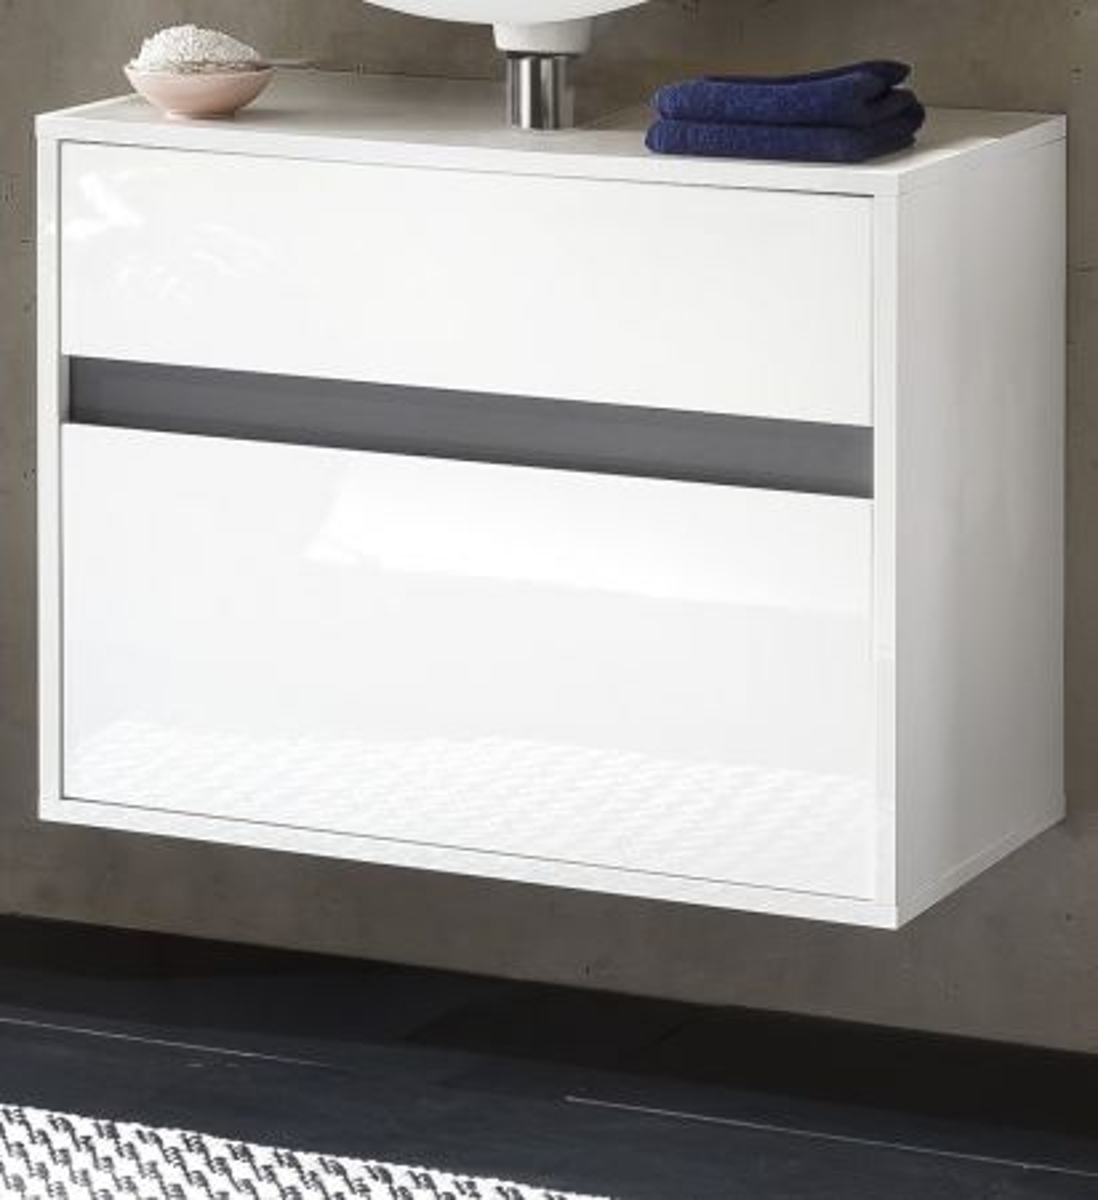 Waschbeckenunterschrank Hängeschrank weiss Hochglanz Lack und grau Sol 67x52 cm